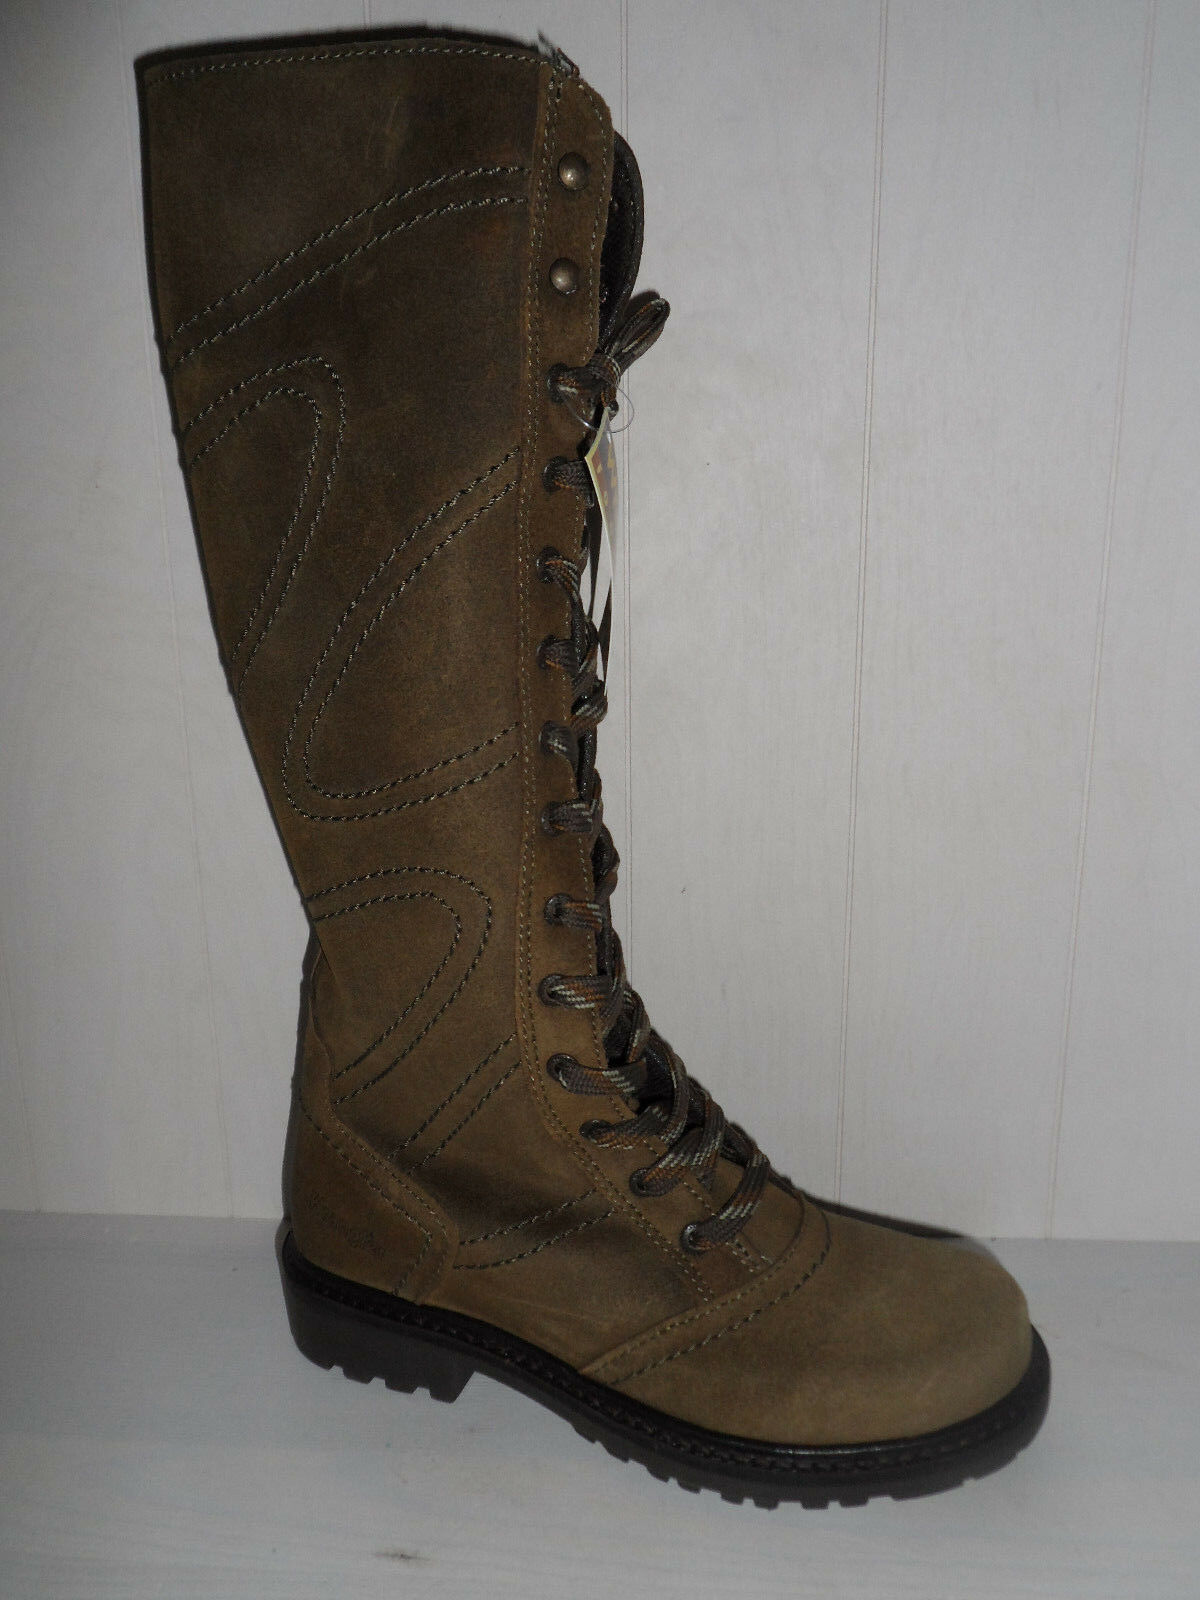 Wrangler Scando High Leg Khaki  Suede Army Stiefel Veloursleder  Khaki 99,95 NEU af8b4f